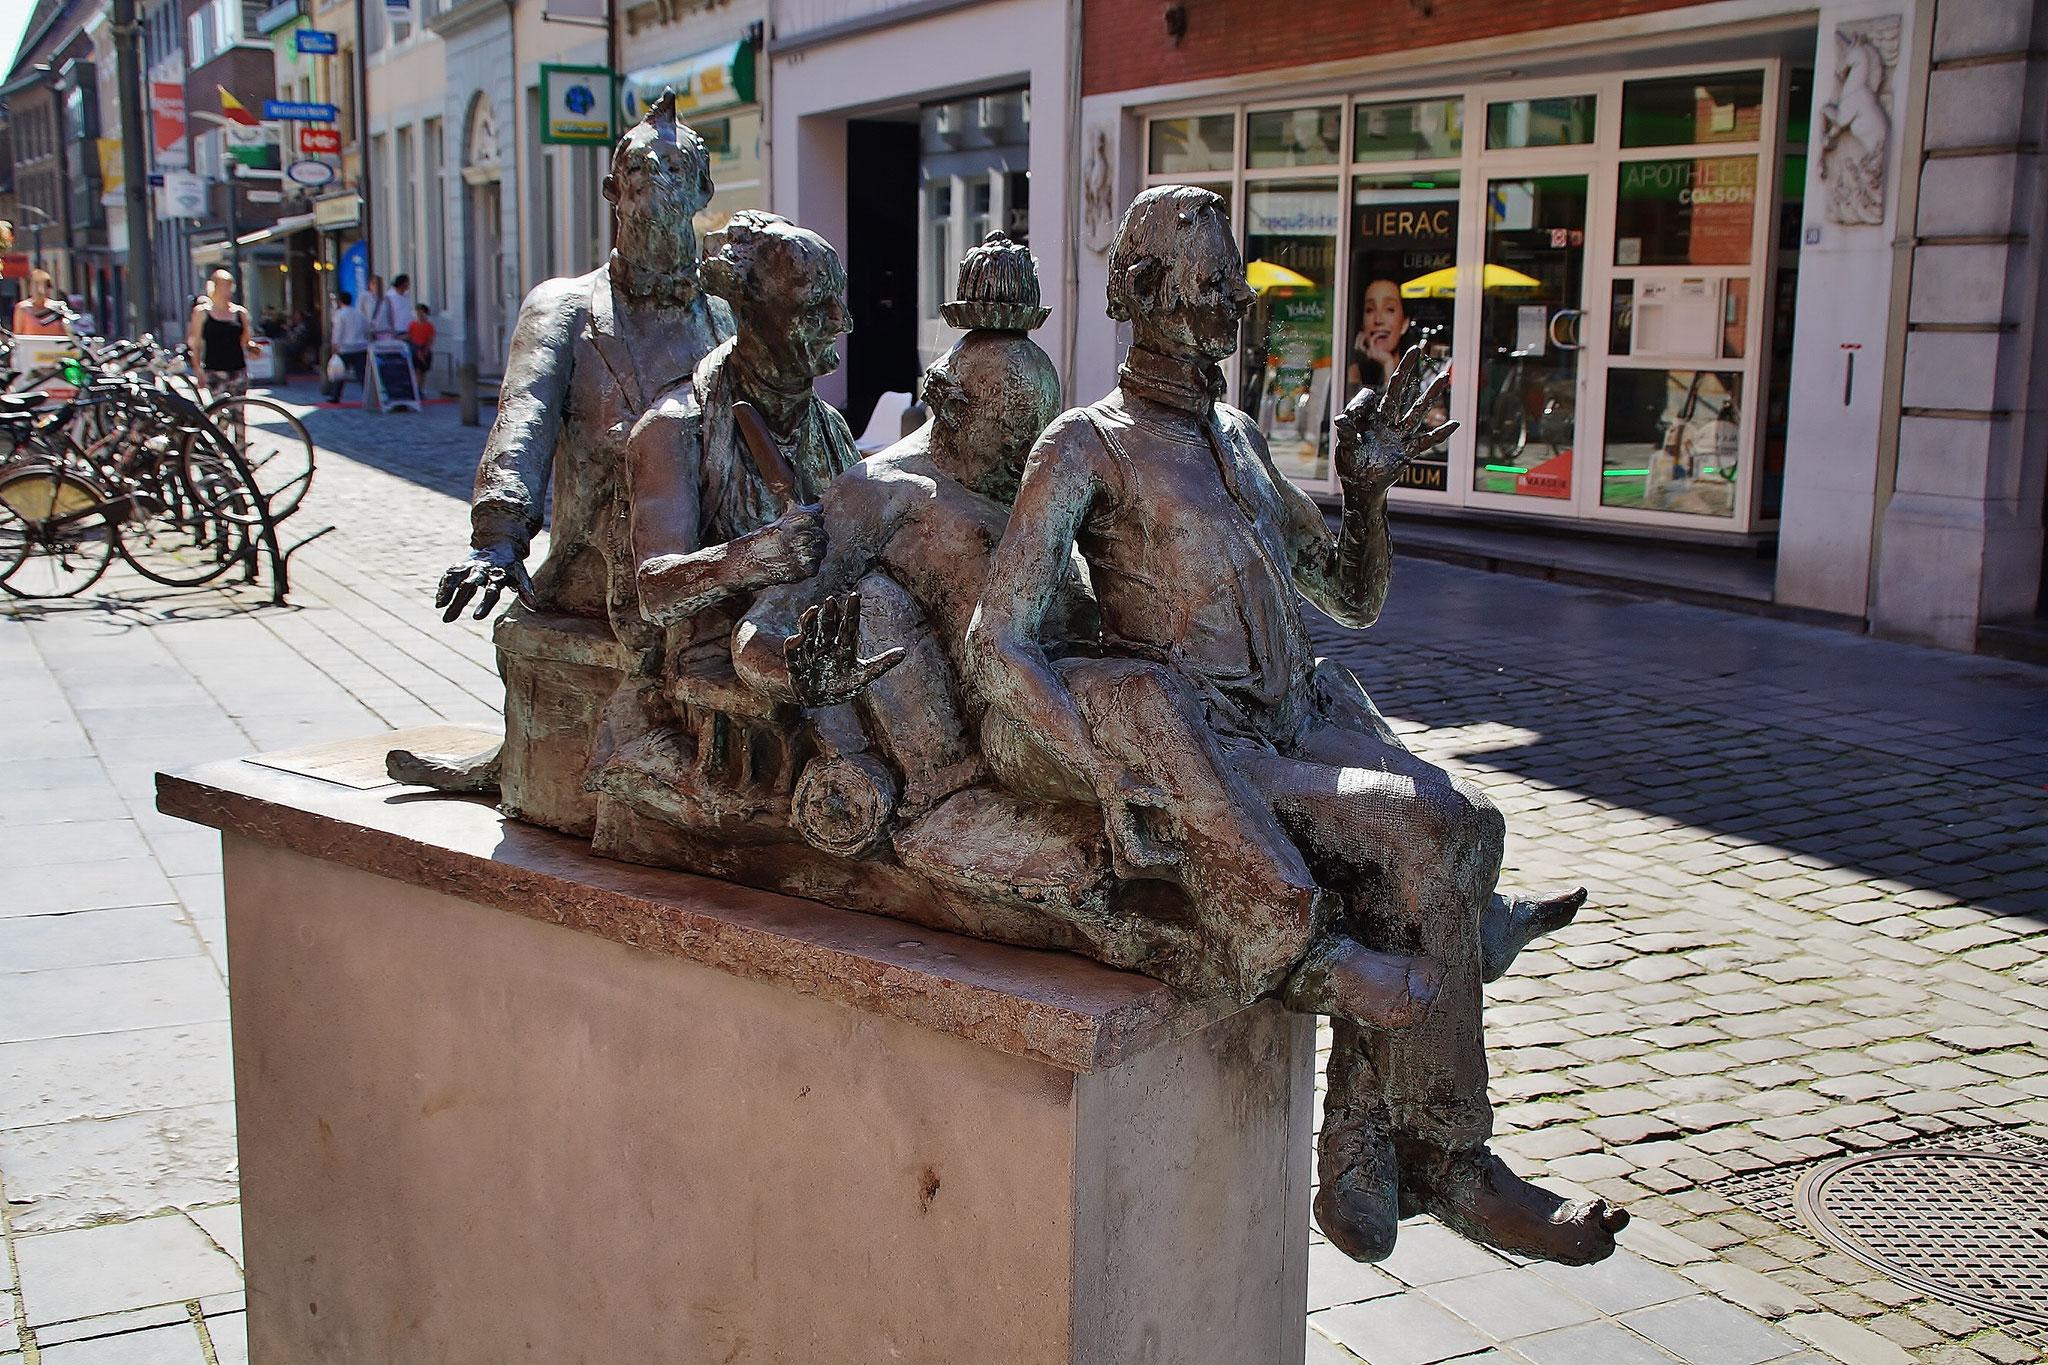 Eine der Skulpturen in der Innenstadt